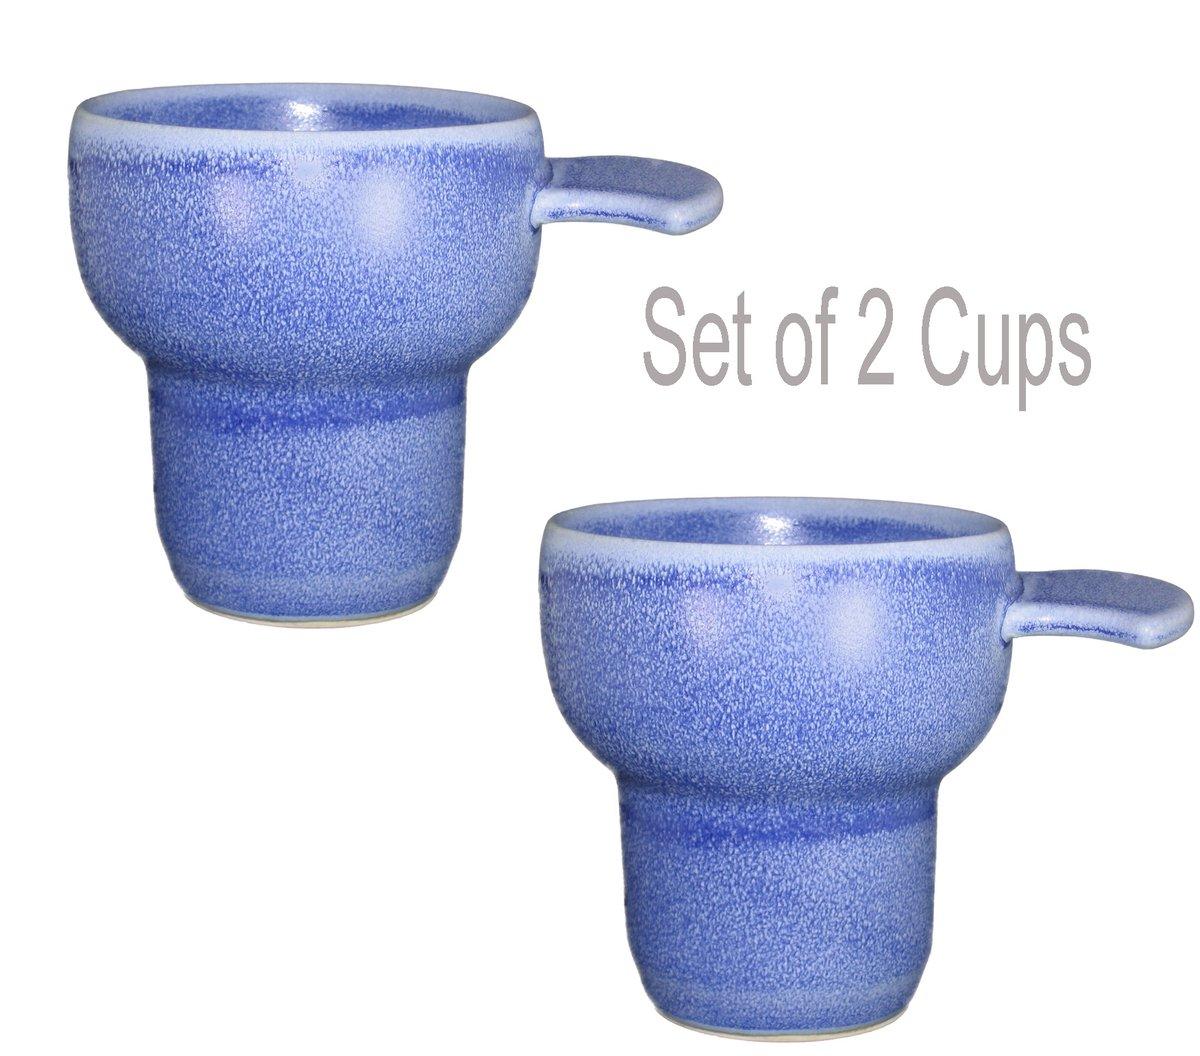 Flange Grip - 2 Porcelain Cups